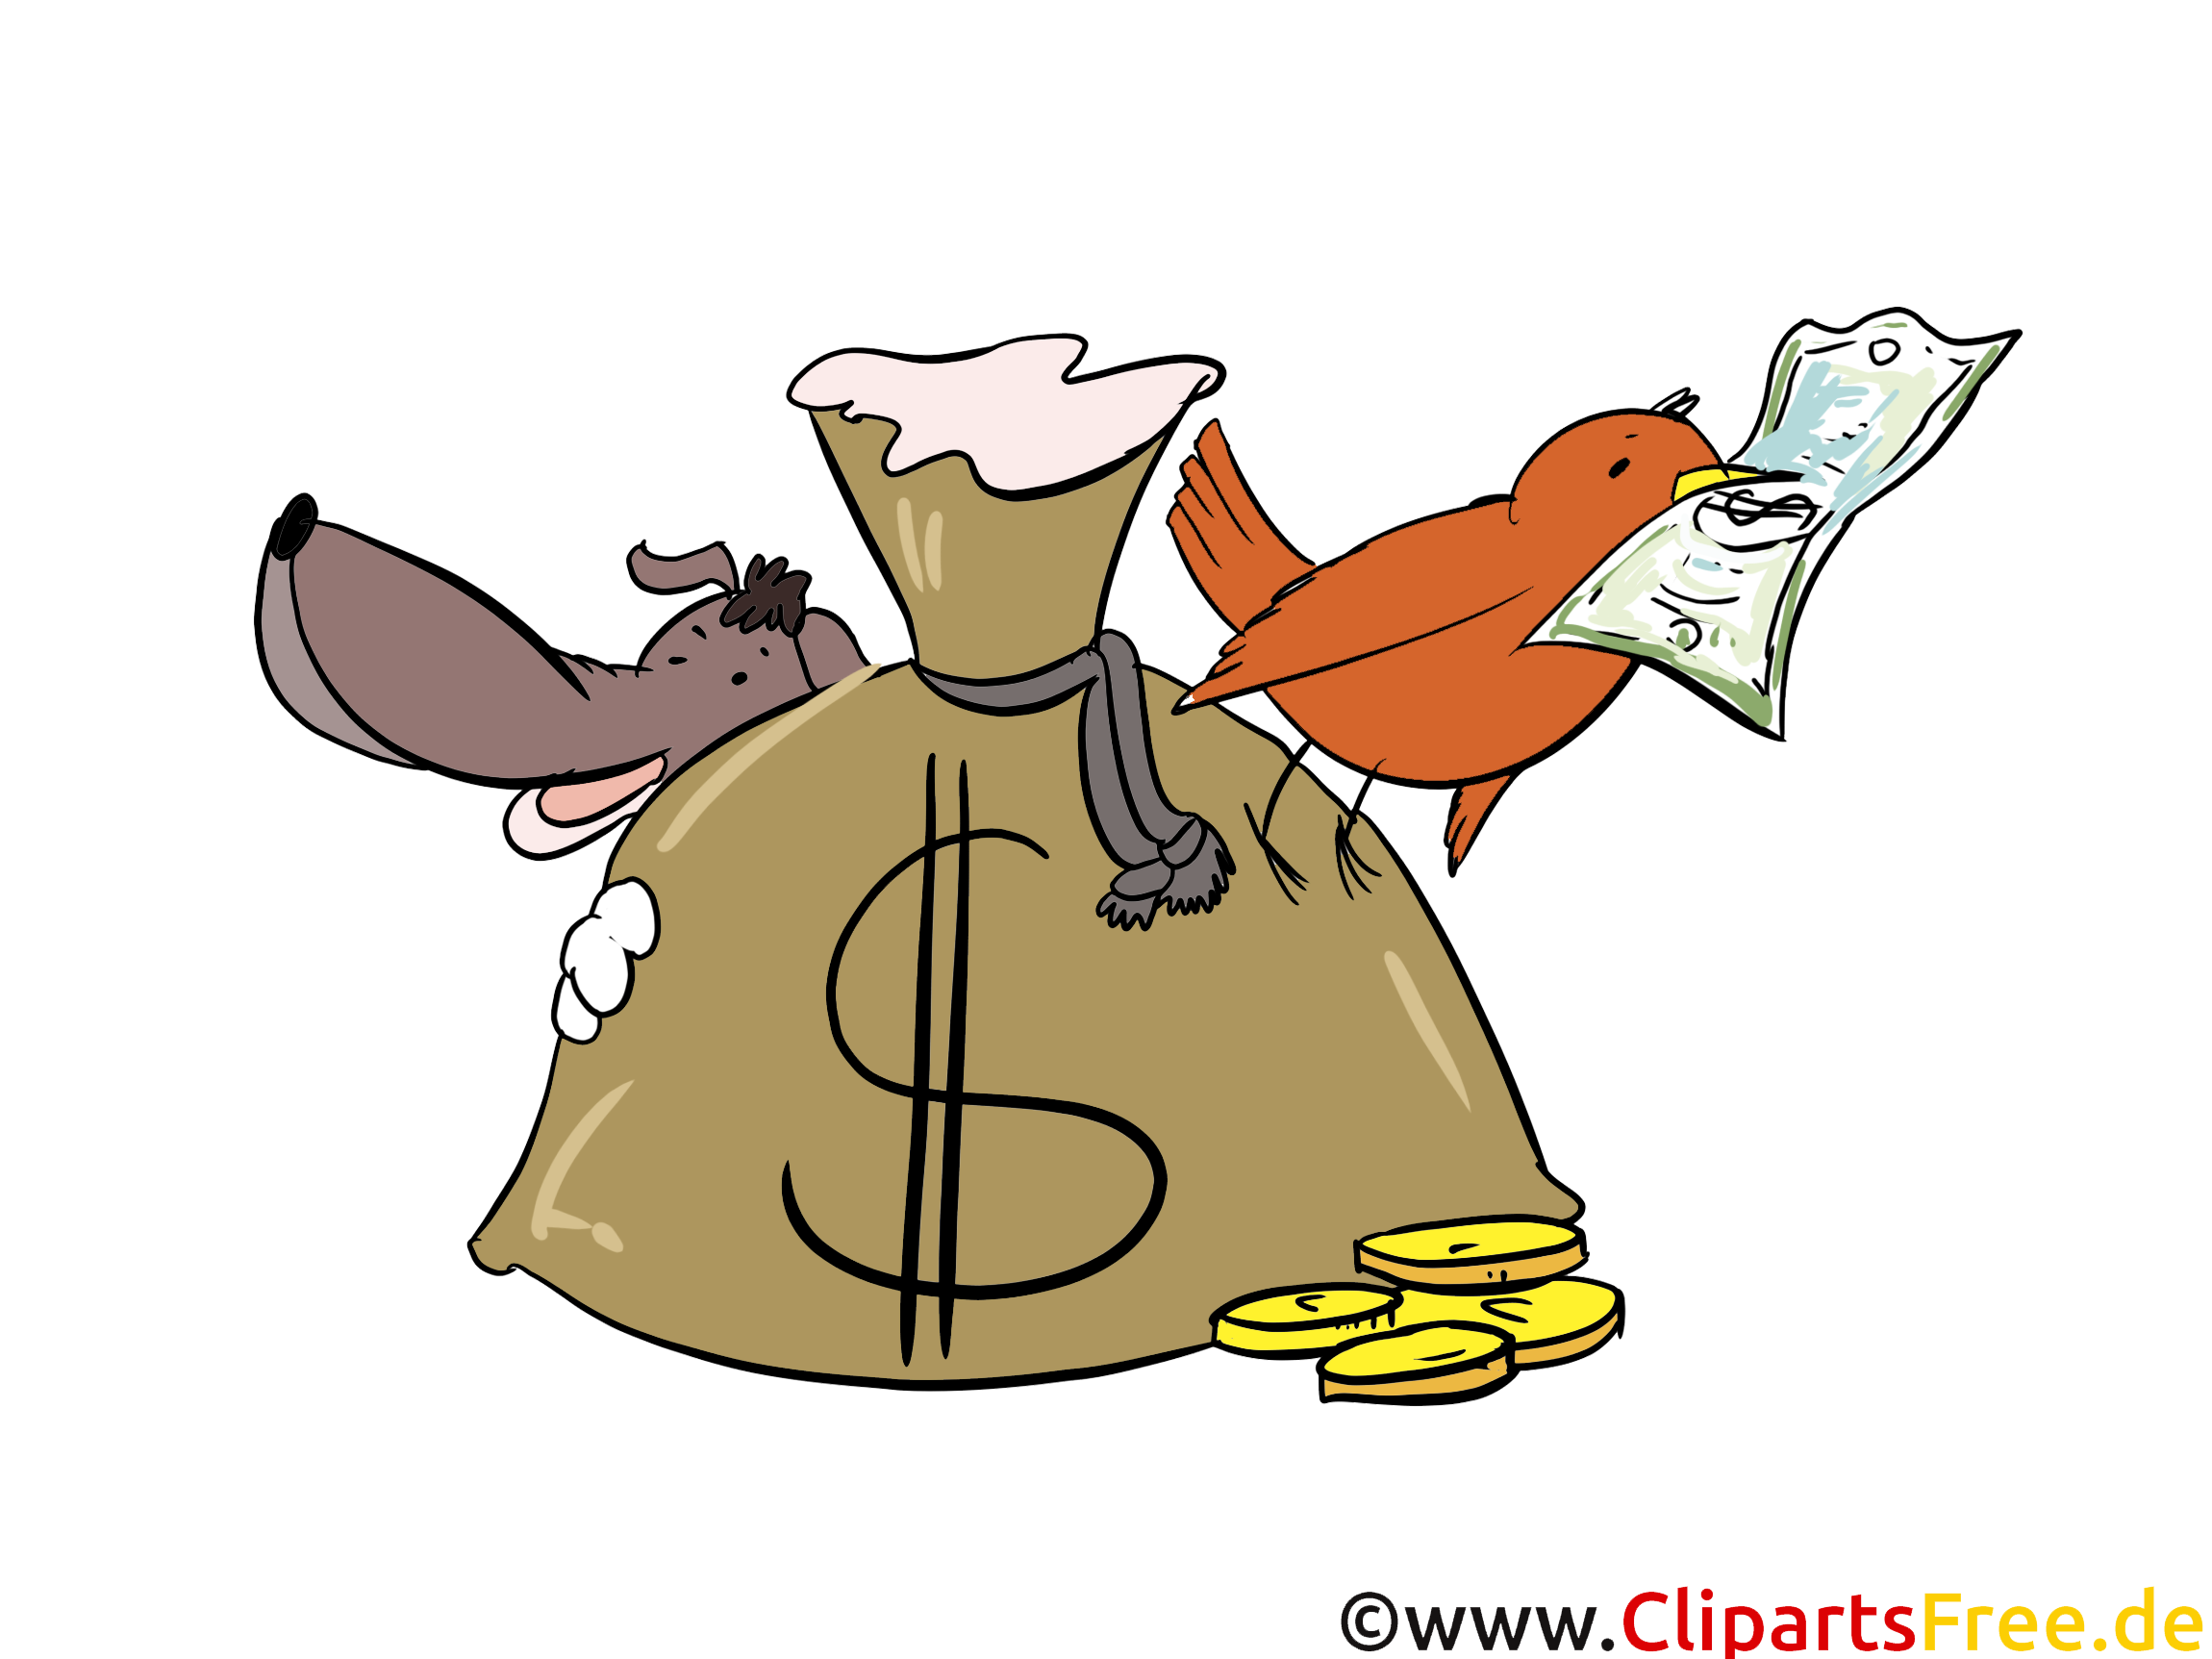 Animaux images gratuites – Argent clipart